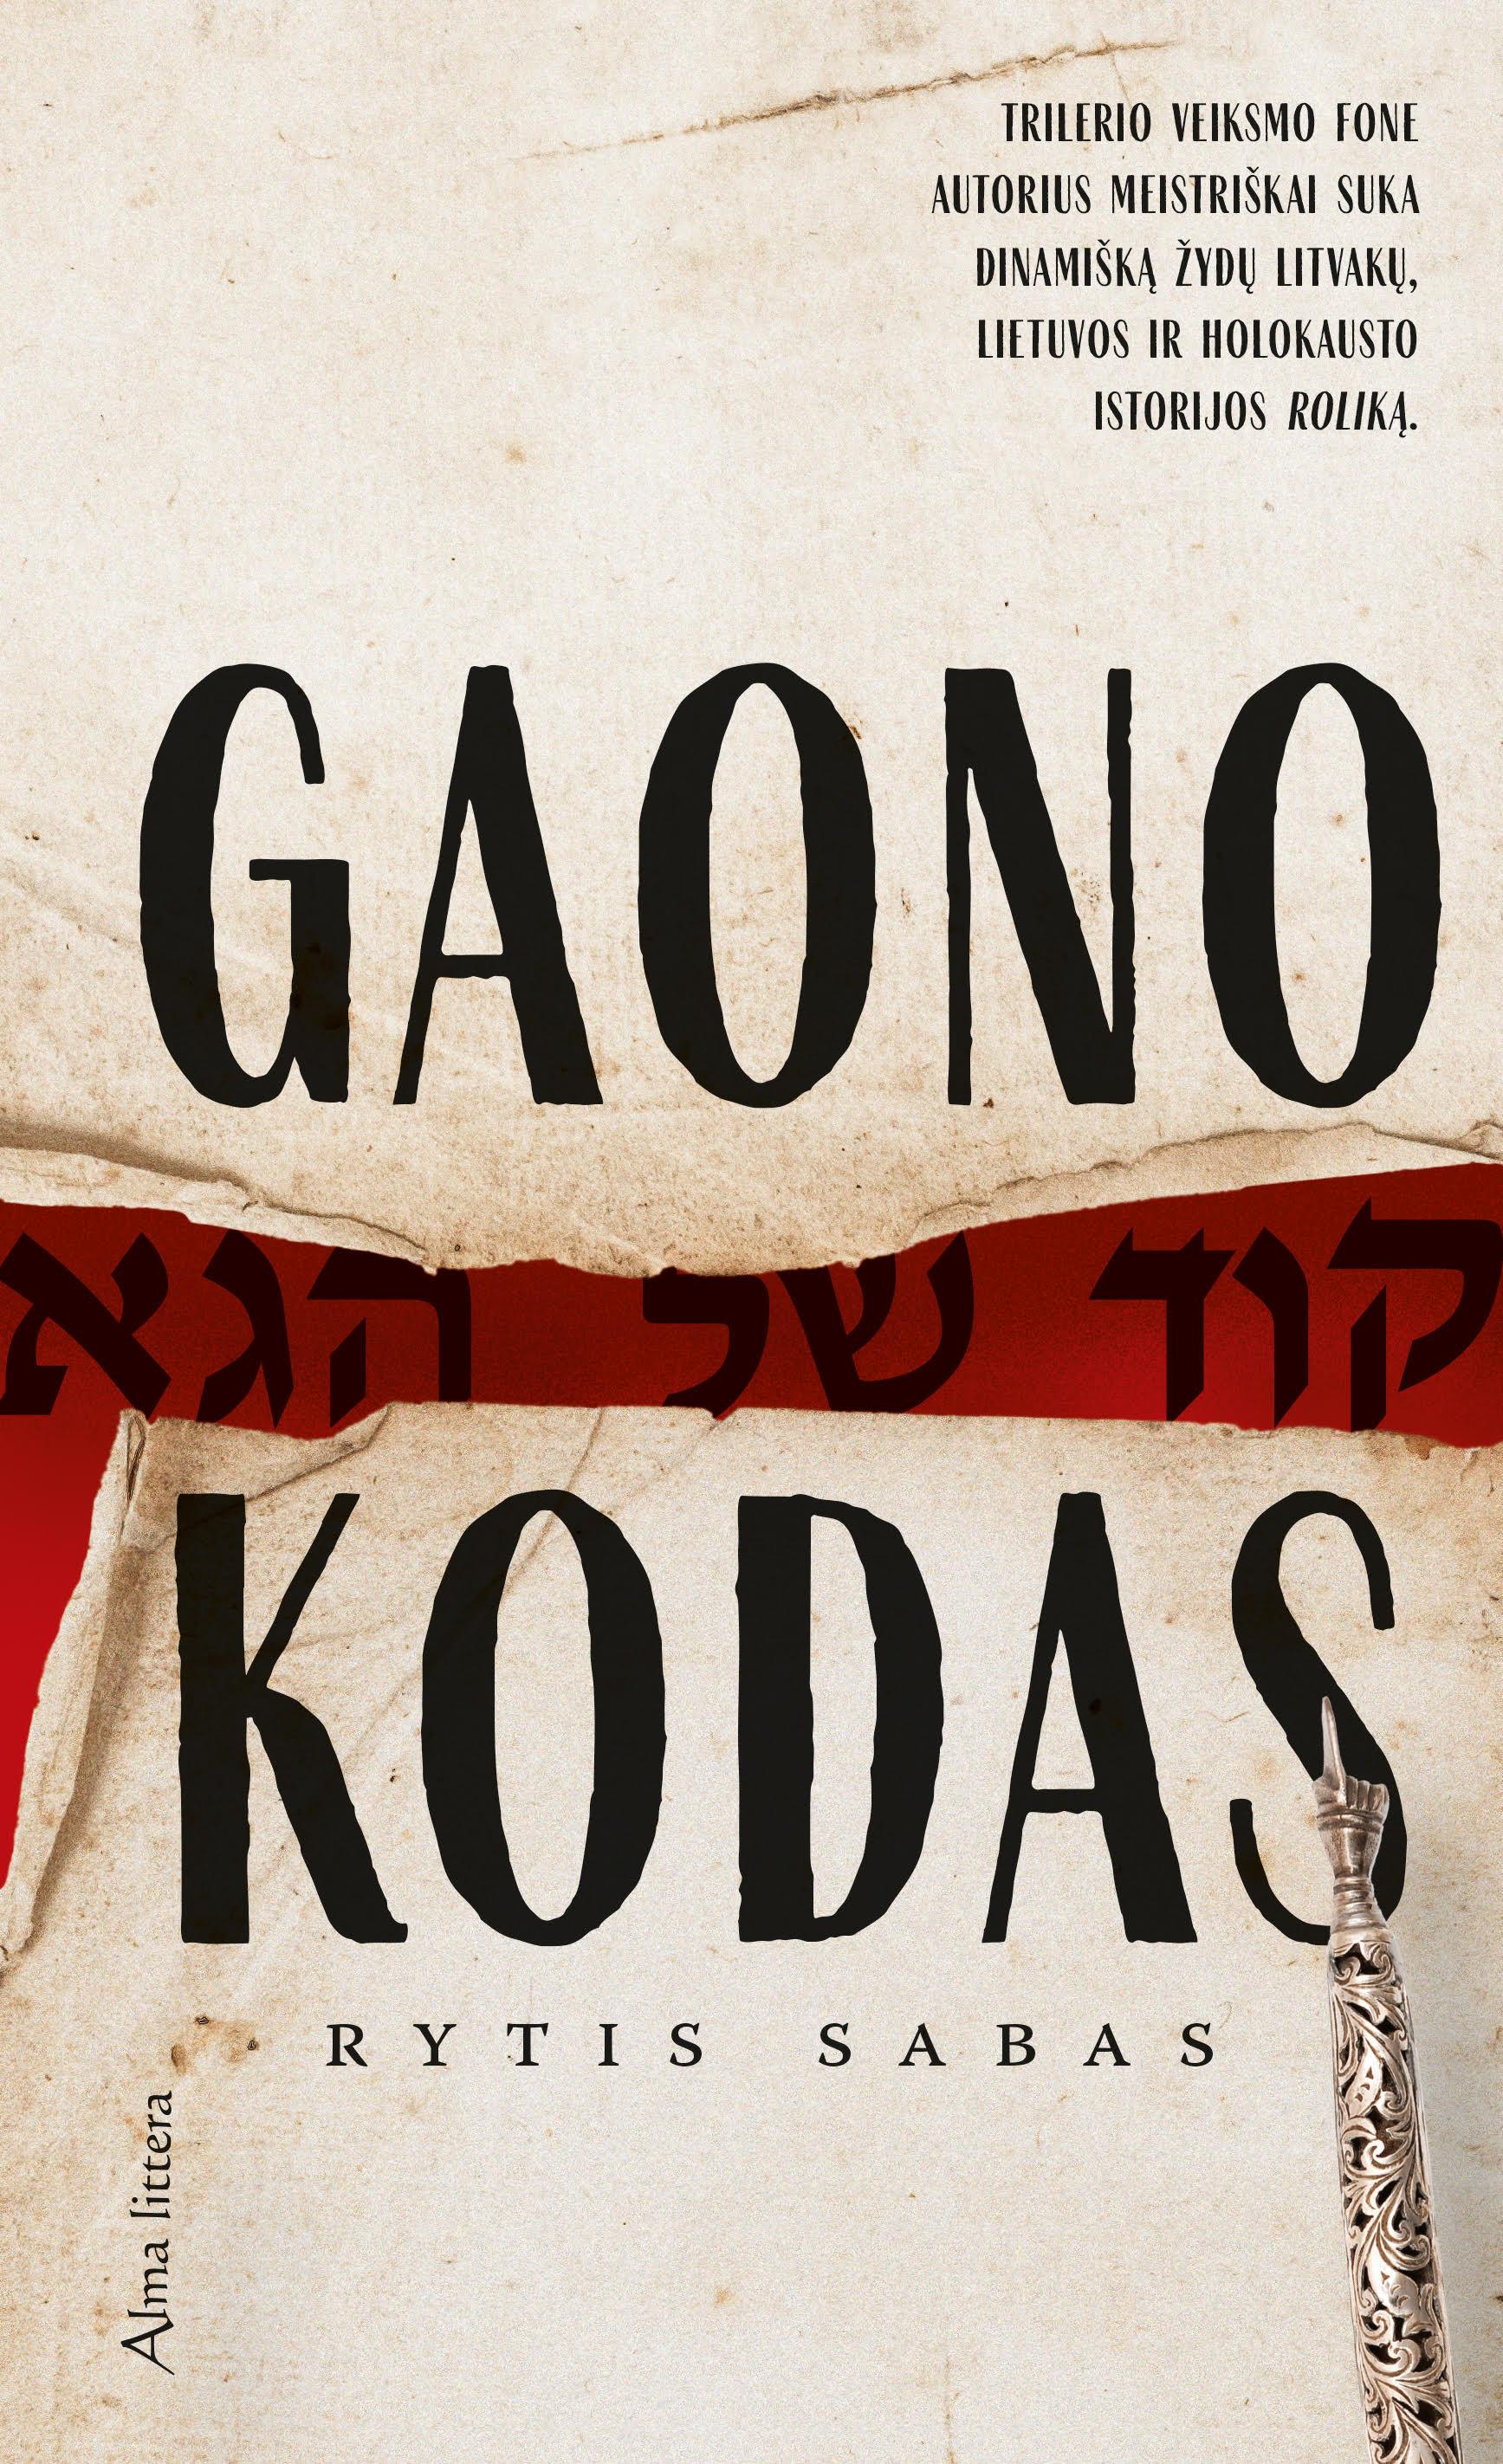 Gaono kodas